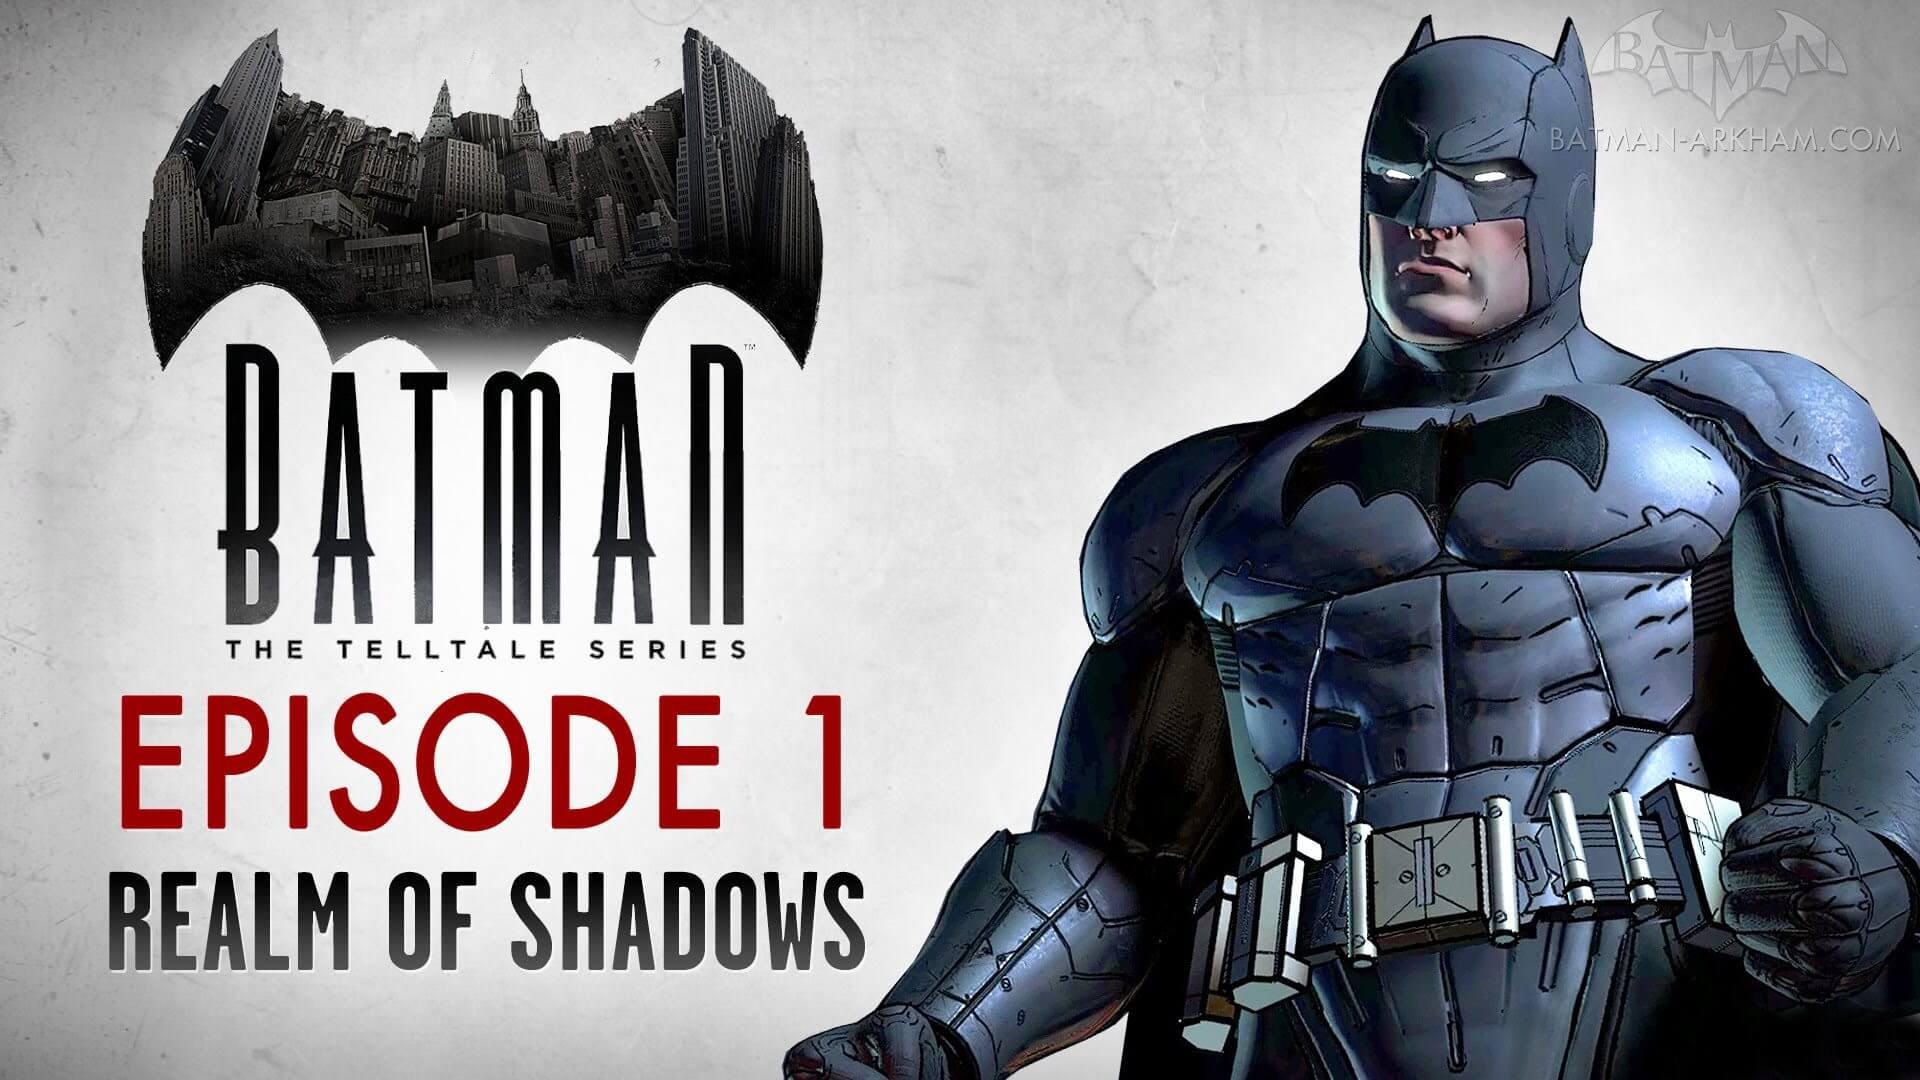 batman the telltale series - Batman: The Telltale Series está com o primeiro episódio grátis